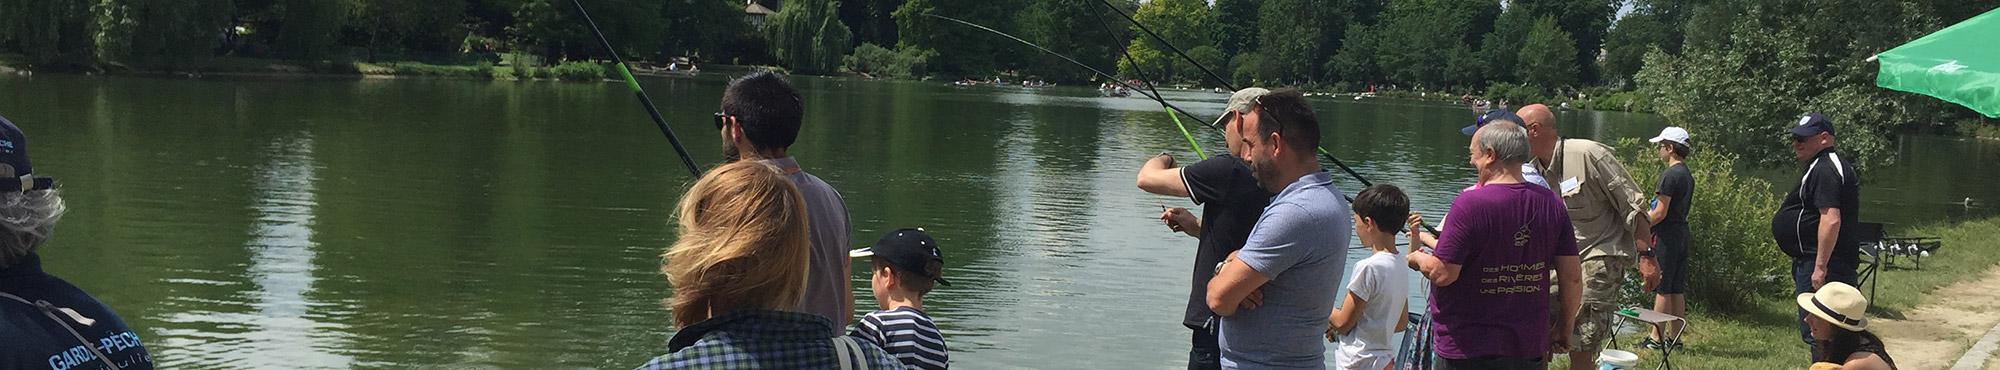 Amicale des pêcheurs du Bois de Vincennes